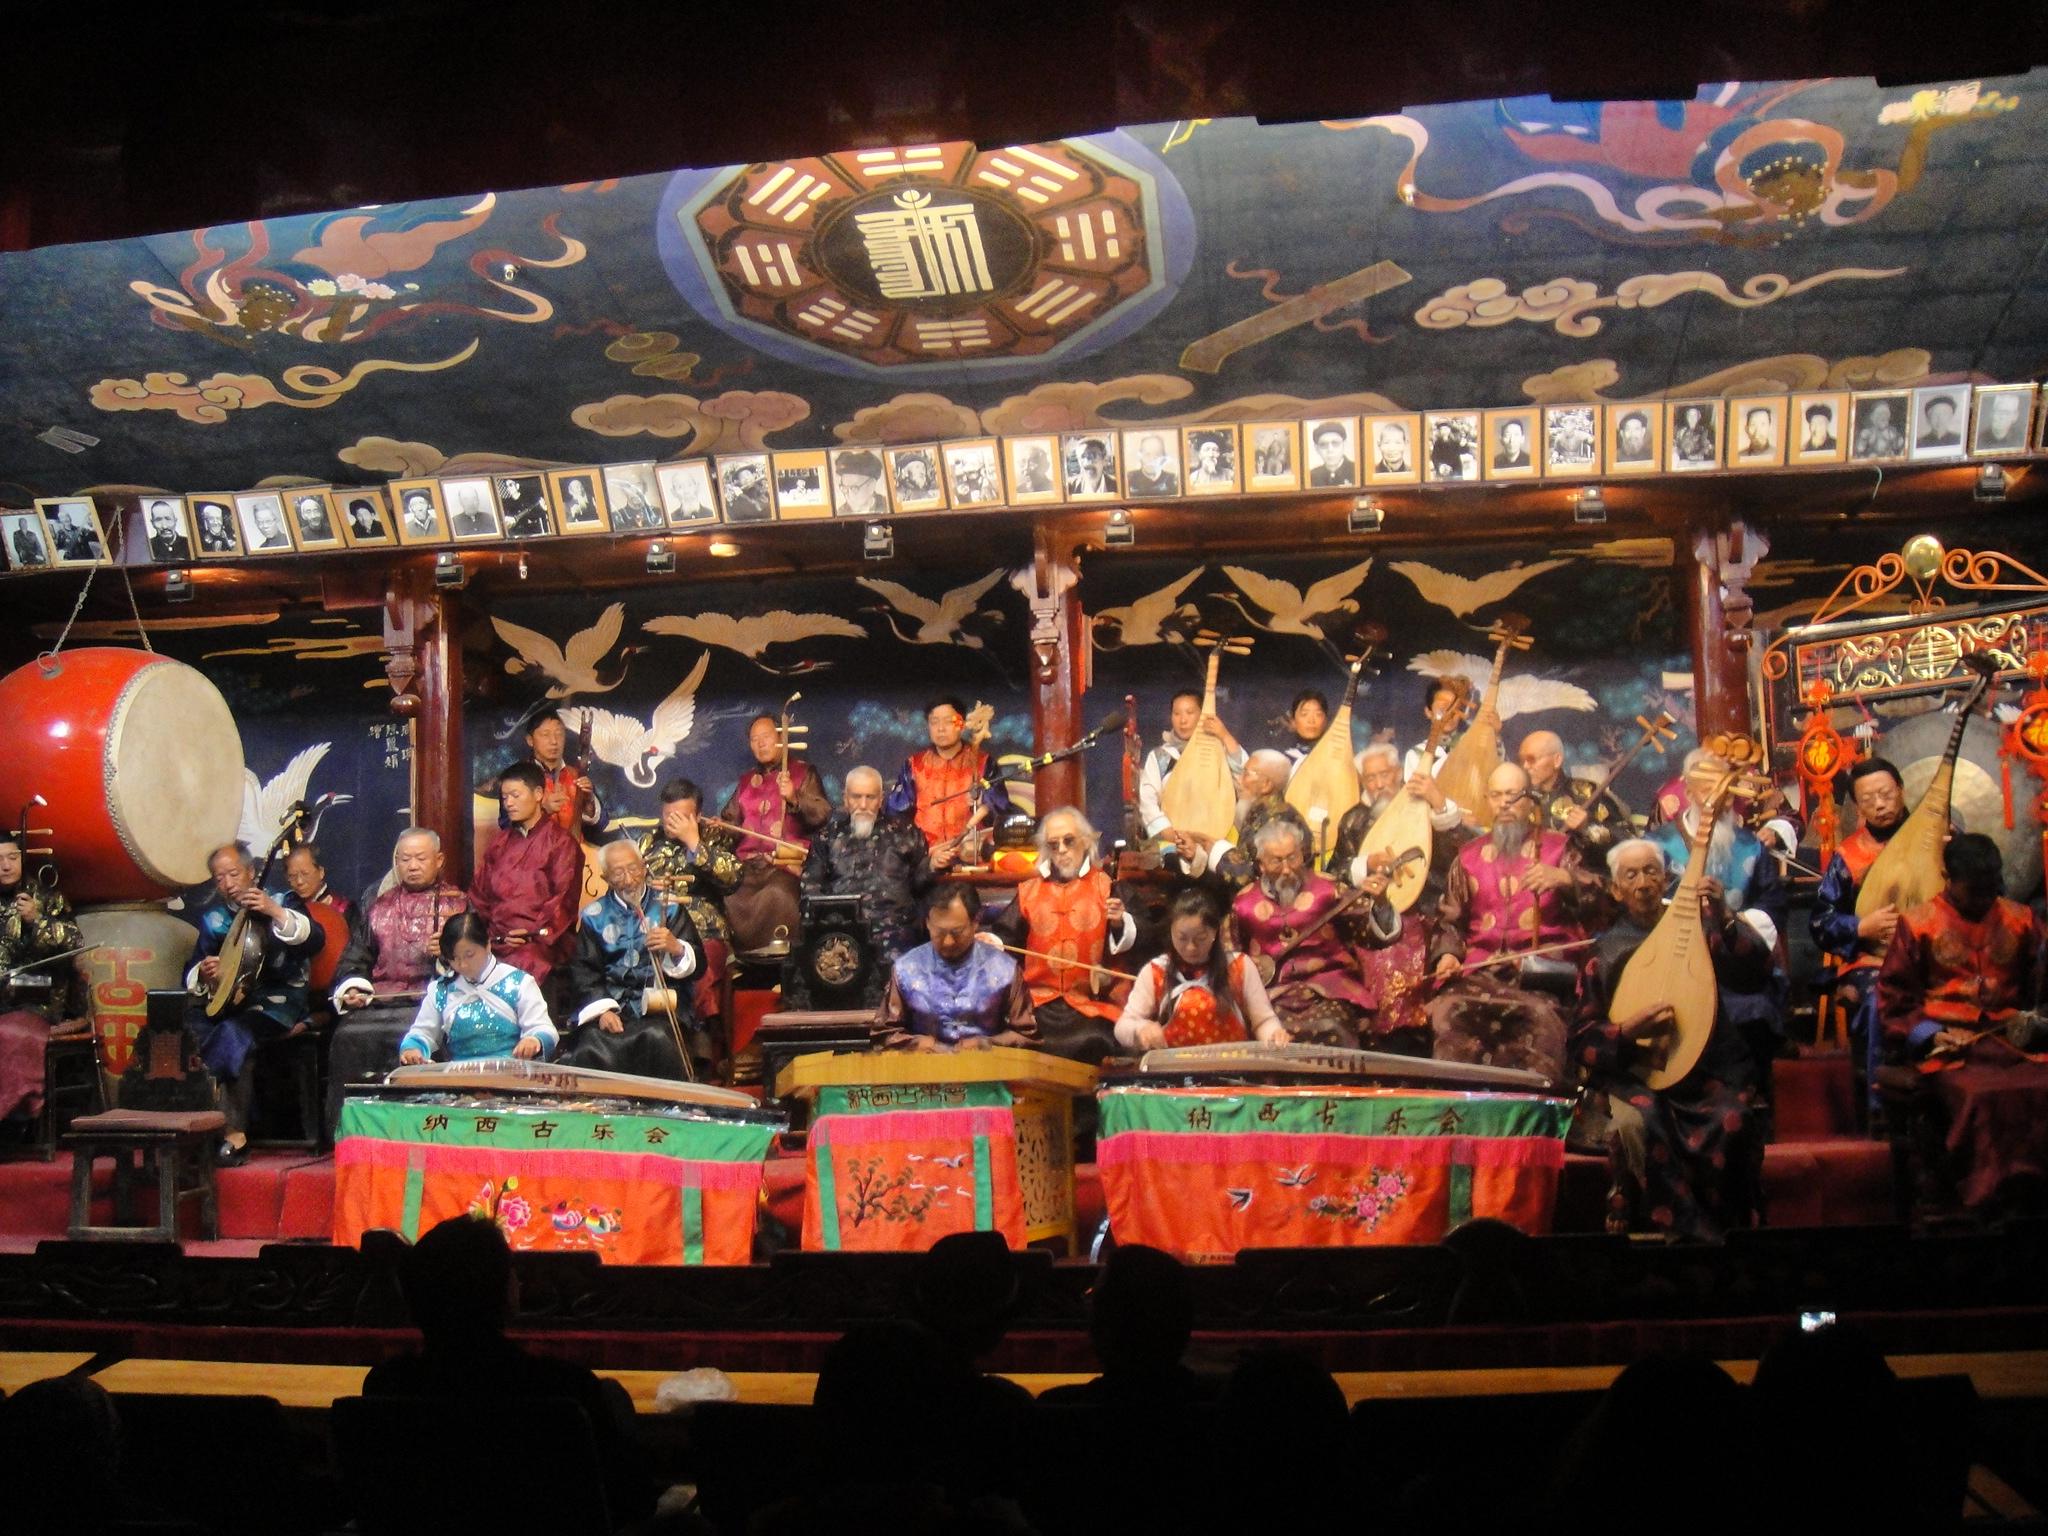 麗江納西古樂視頻_麗江納西民族服裝特點_麗江玉龍納西十大婚紗攝影